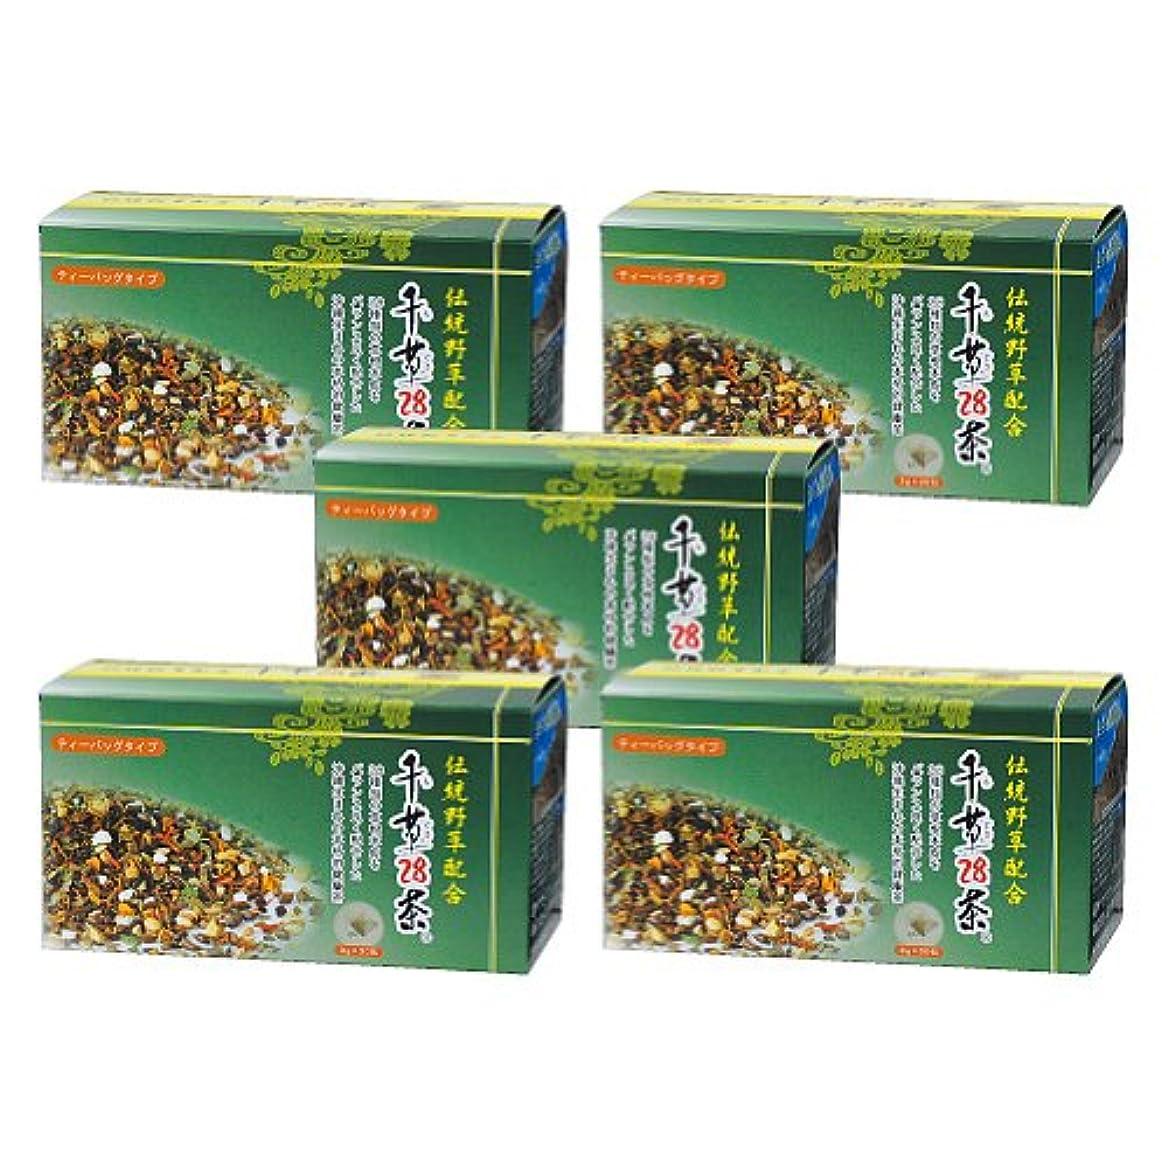 凍結商品マイクロプロセッサ千草28茶 ティーバッグタイプ 30包×5個